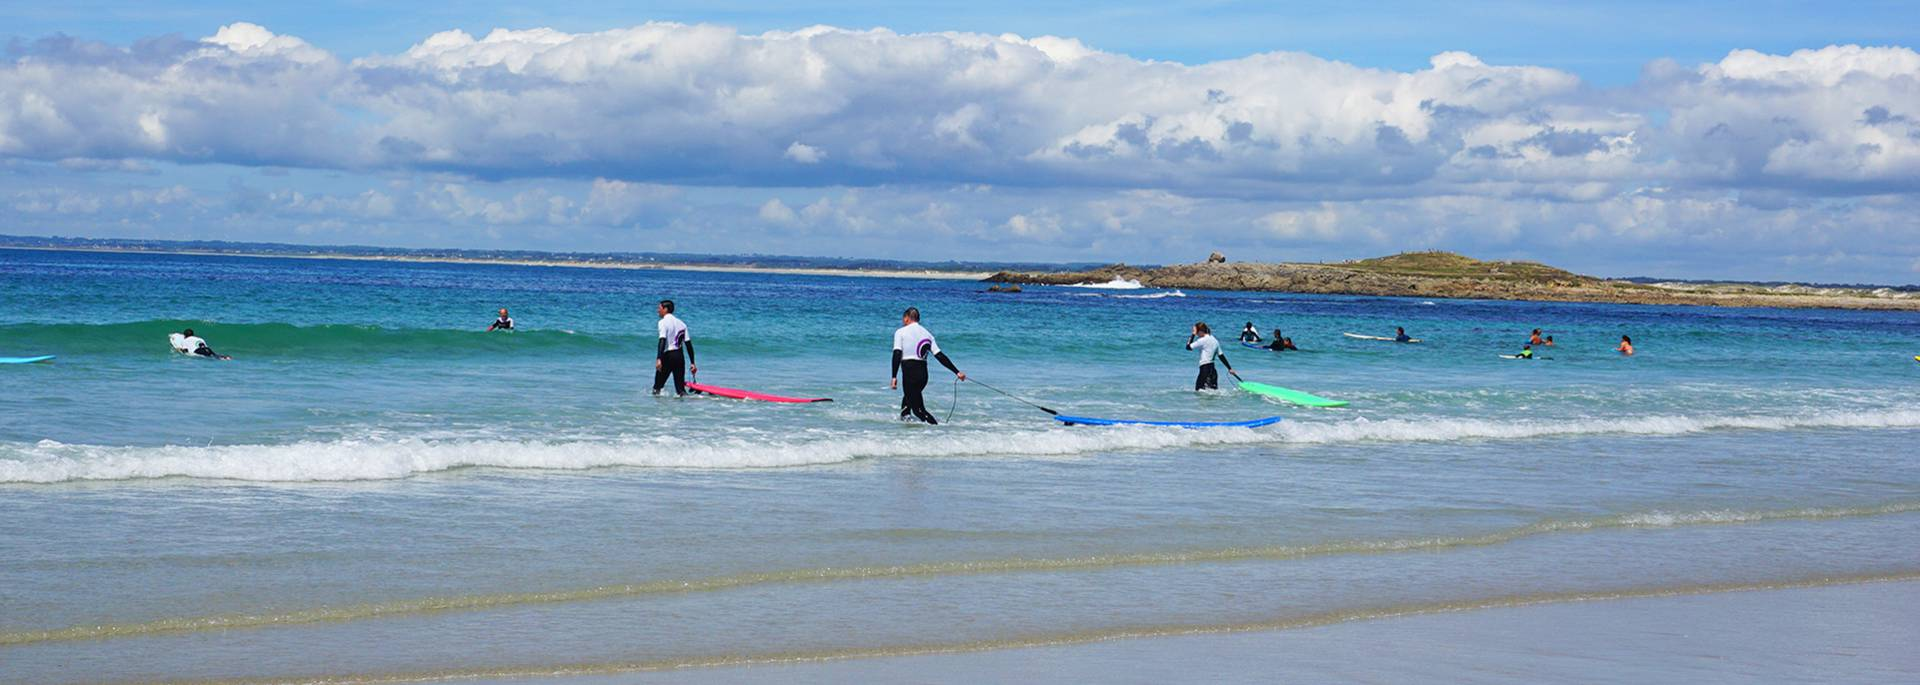 Surfen in Pors Carn bei La Torche im Pays Bigouden © E Cleret